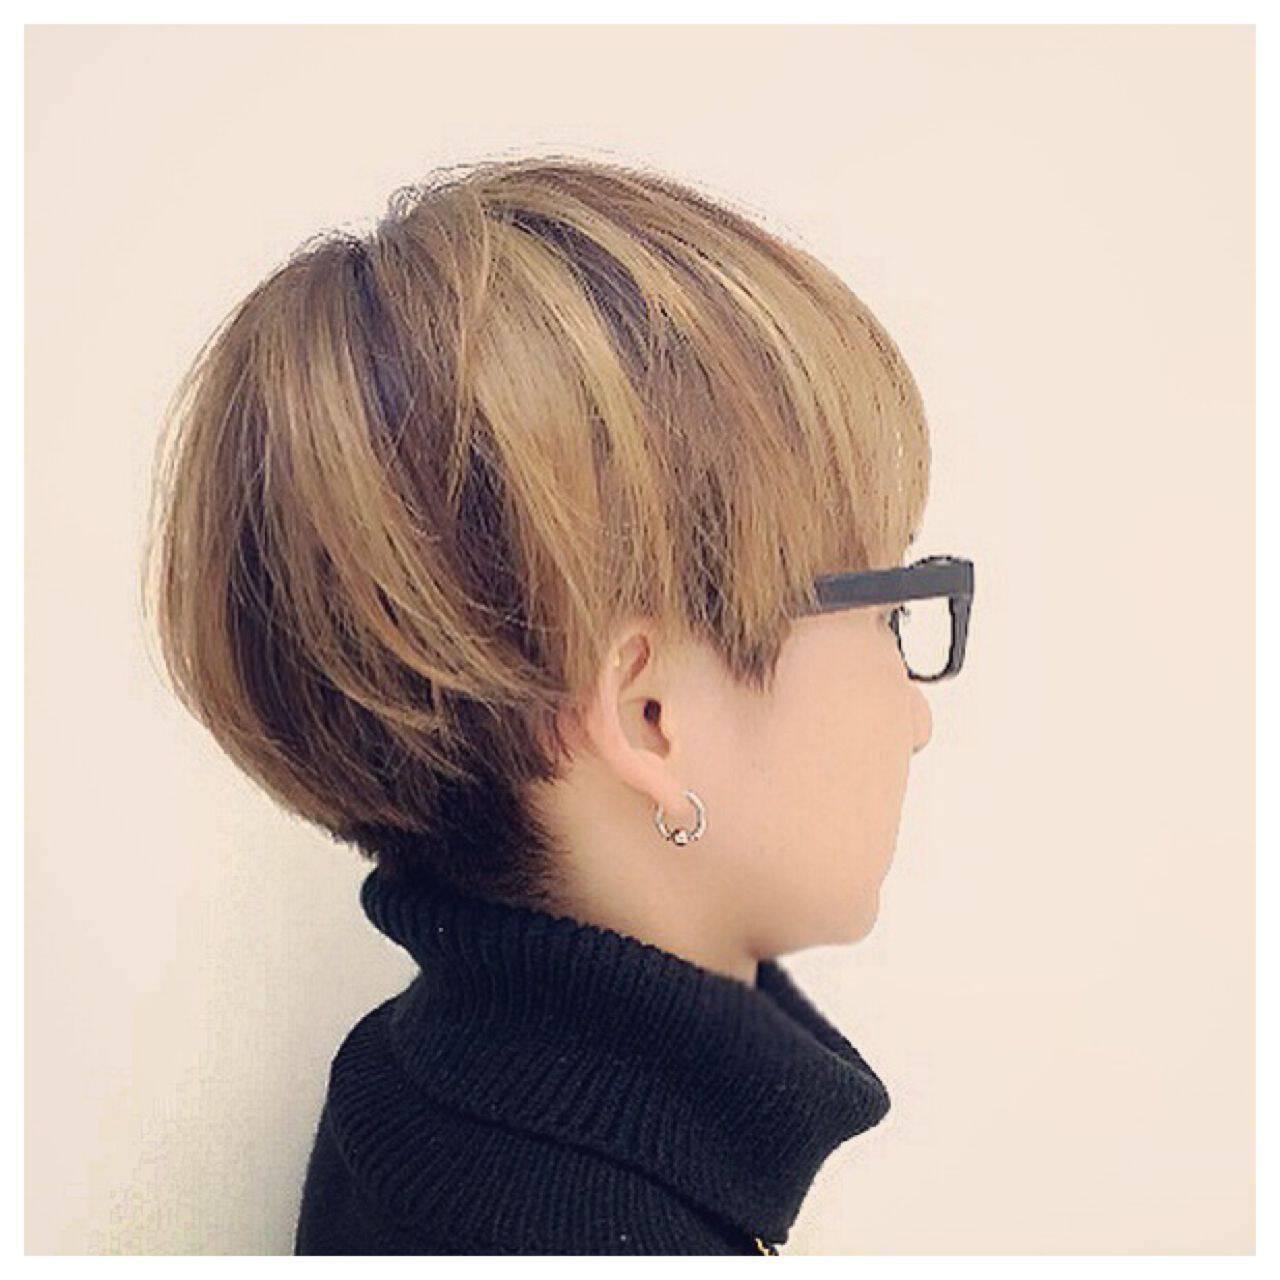 モード 外国人風 ショート ストレートヘアスタイルや髪型の写真・画像